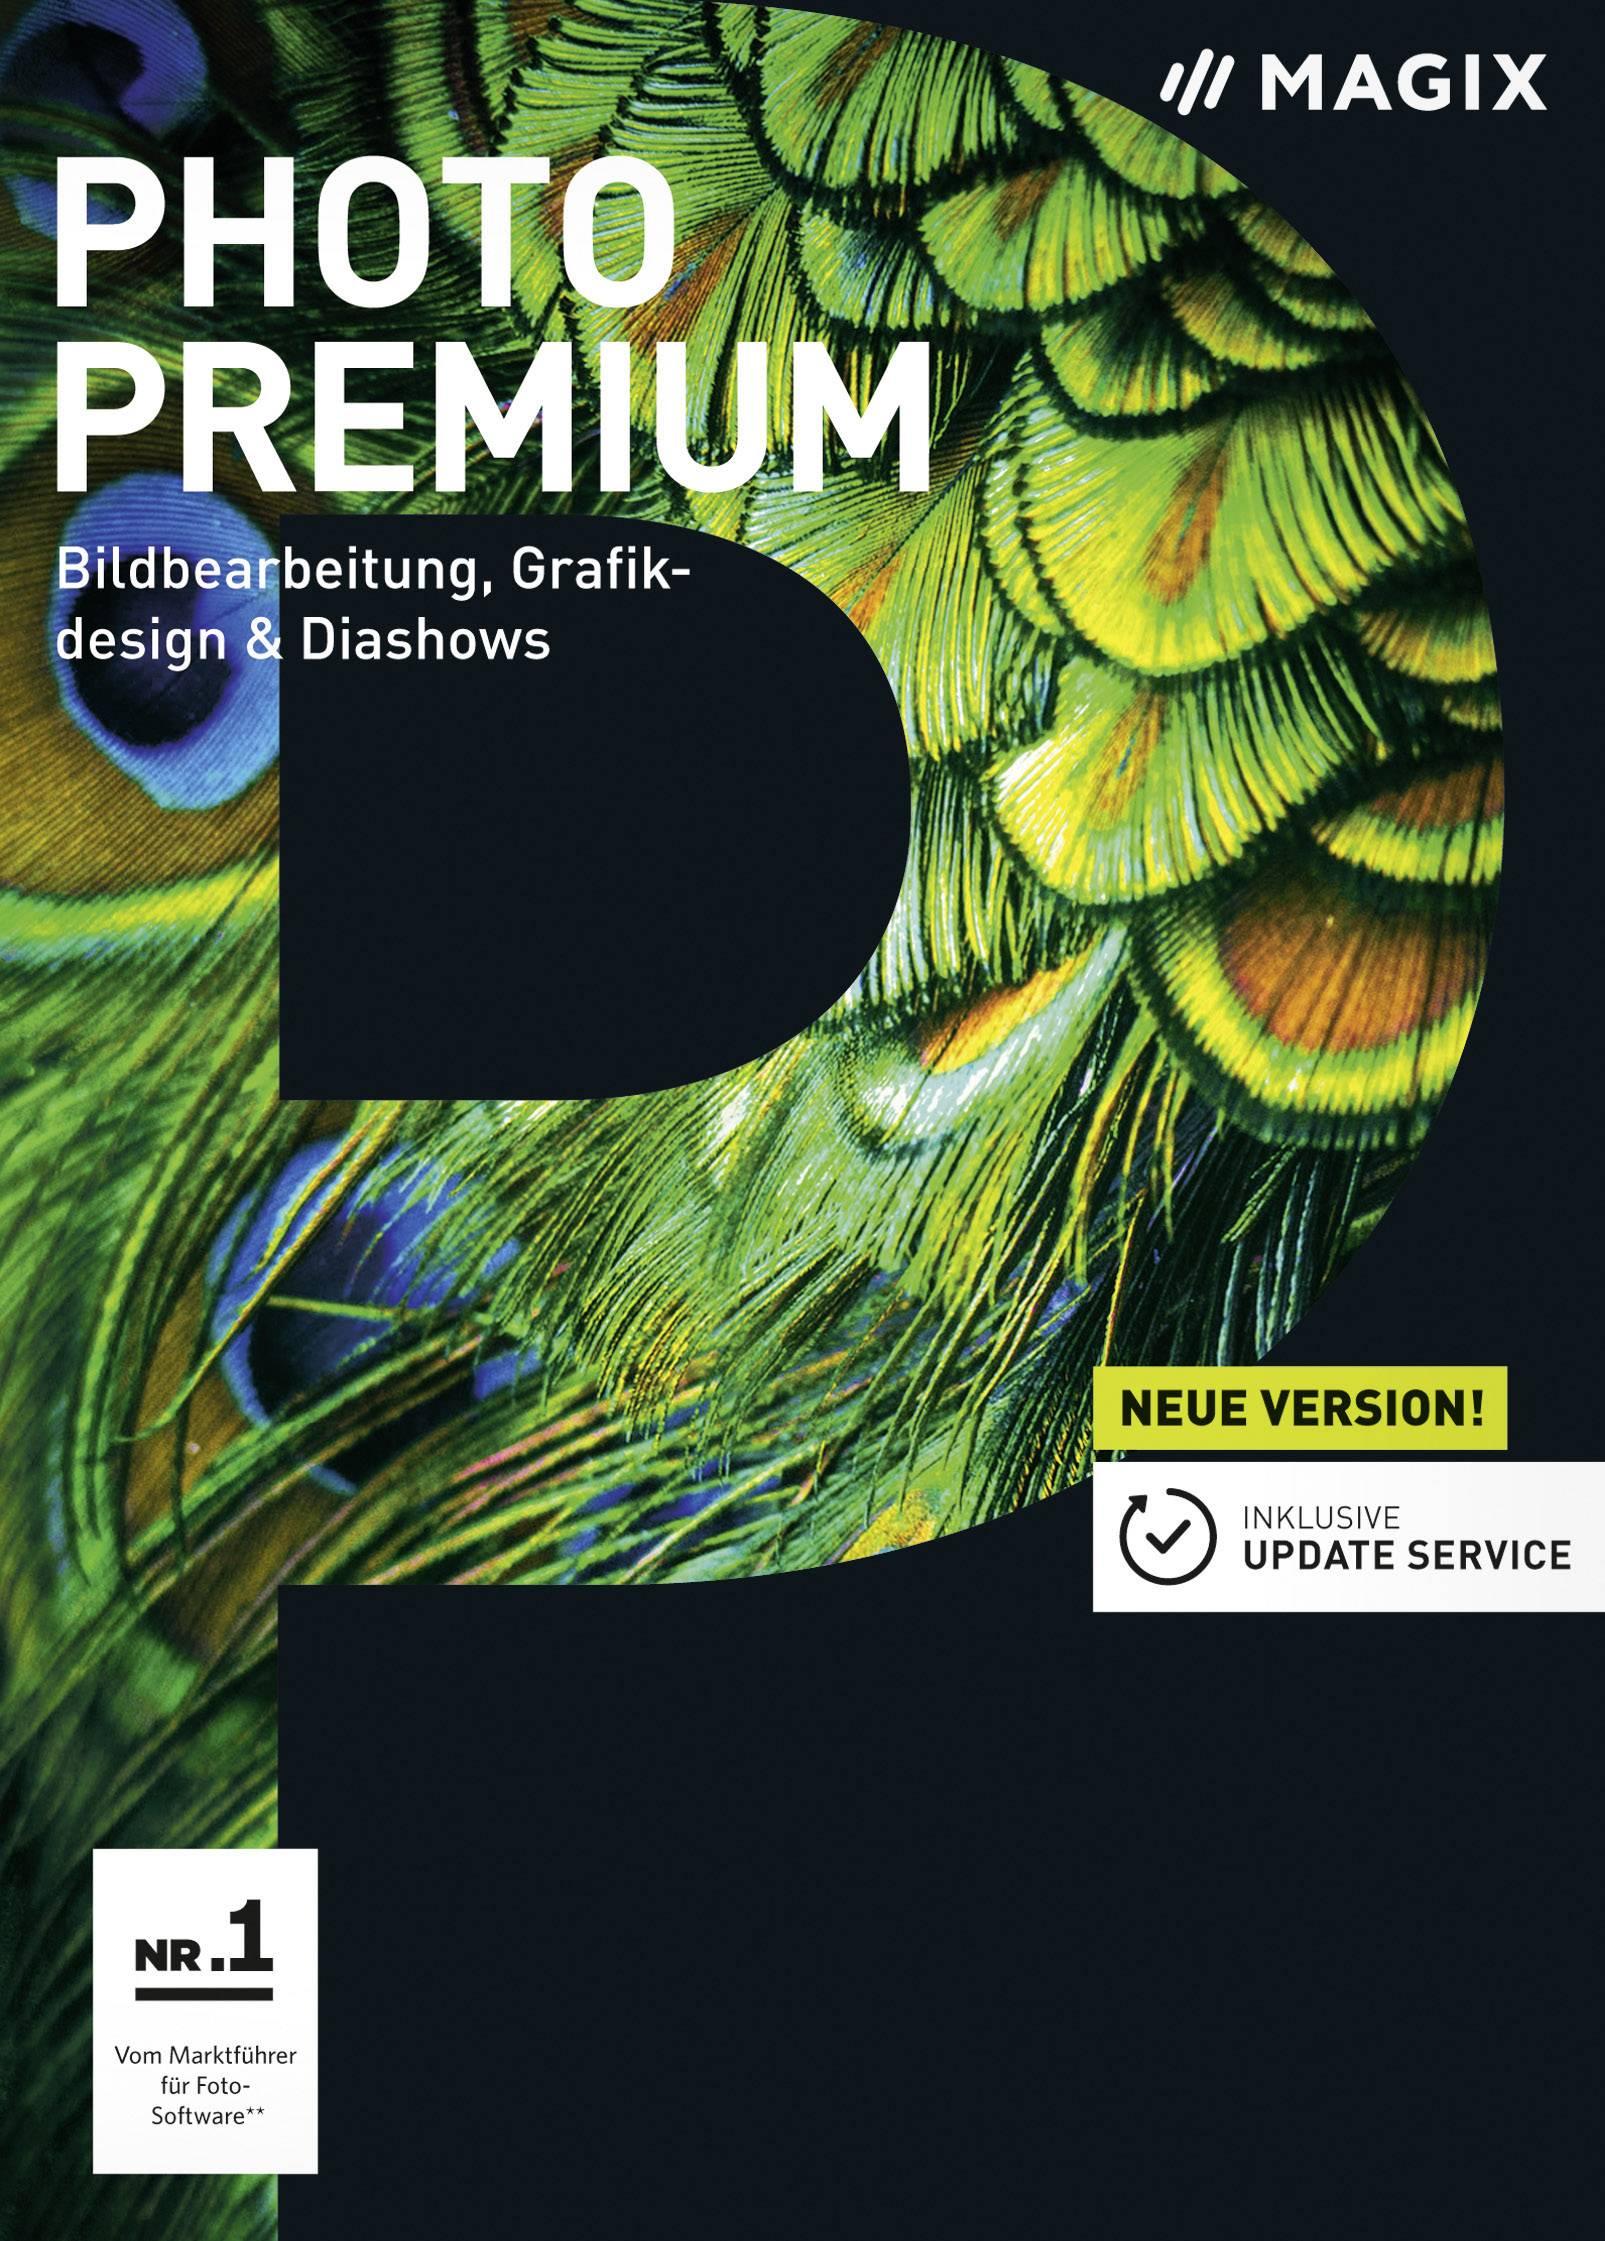 Magix Photo Premium Full version, 1 license Windows